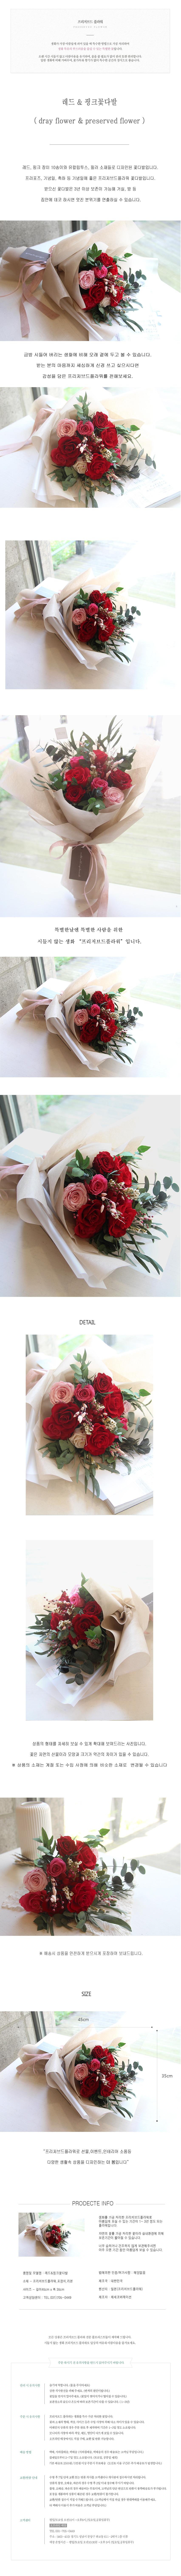 레드&핑크장미꽃다발(프리저브드플라워) - 더봄, 138,000원, 조화, 프리저브드